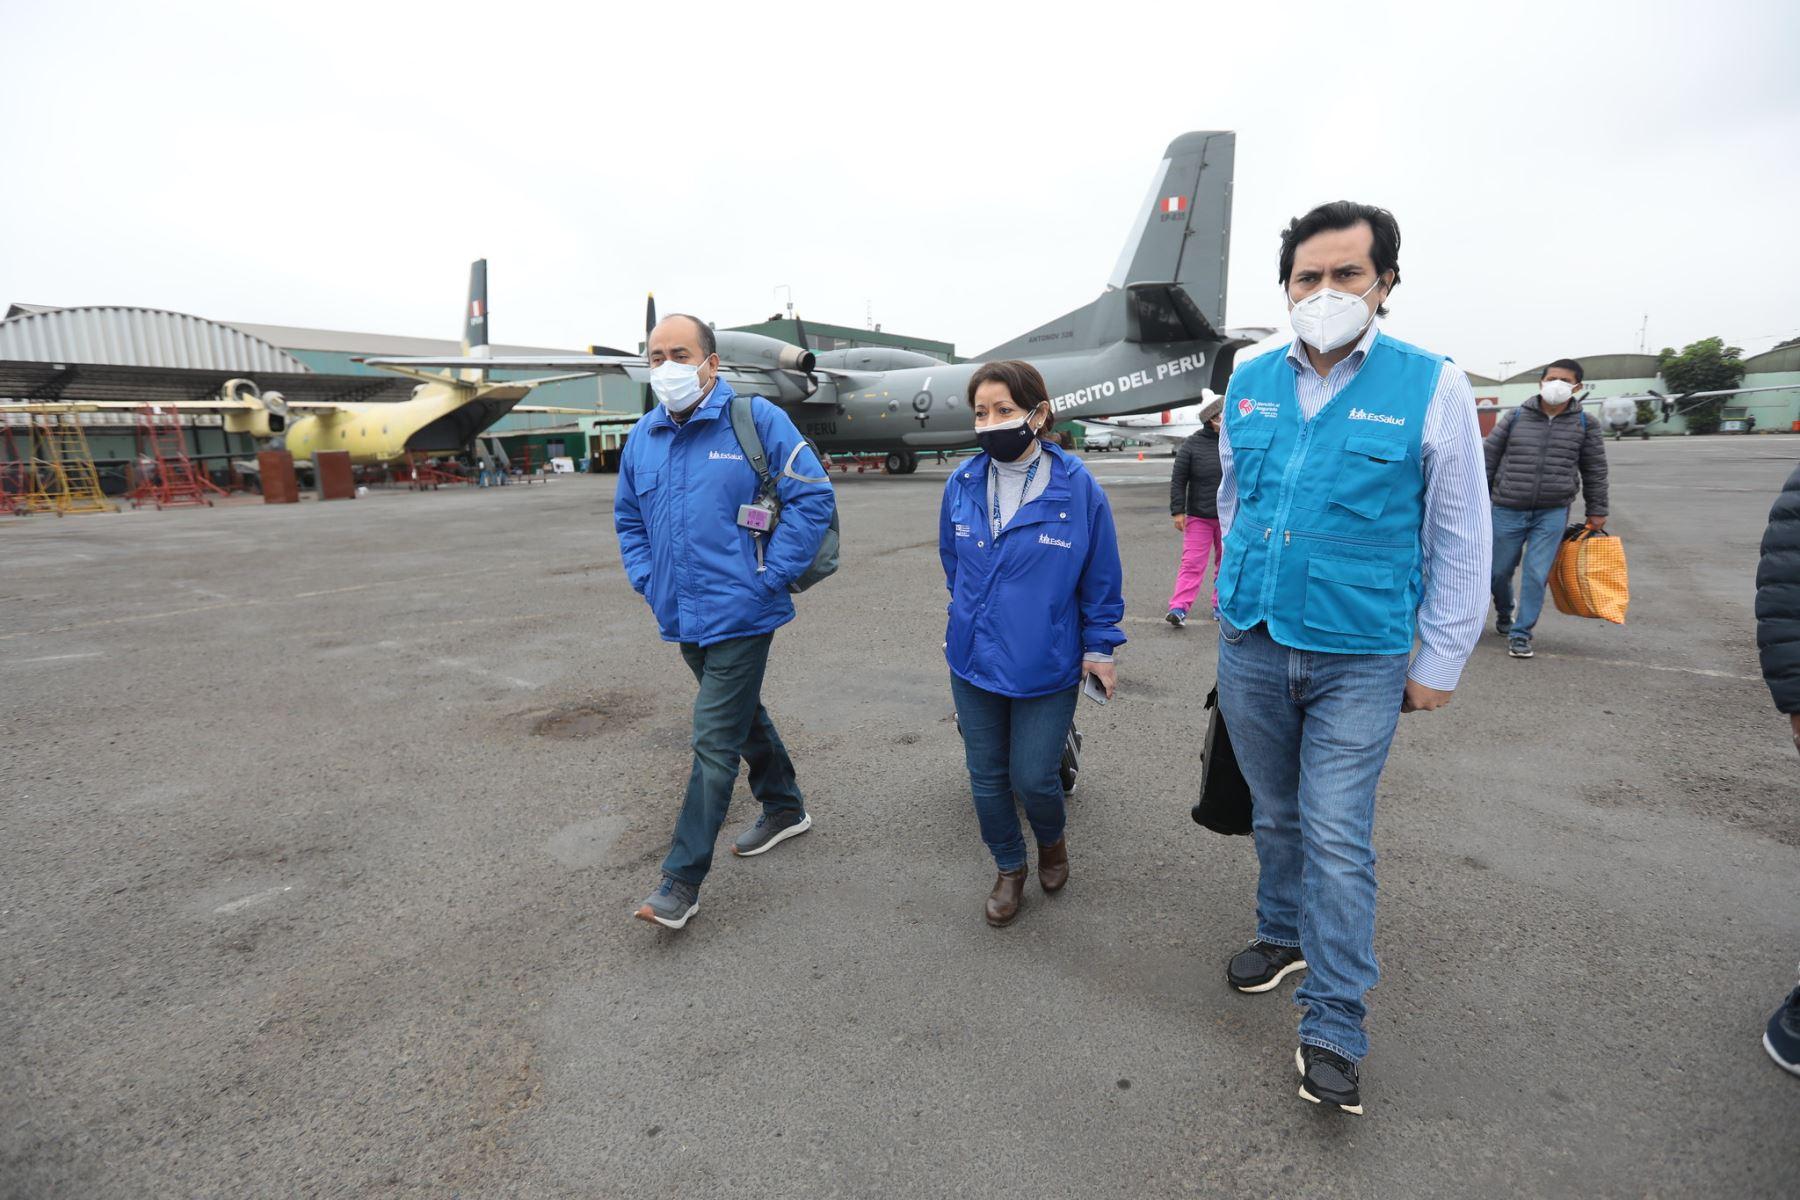 Delegación de Essalud parte a Huánuco llevando material médico.  Foto: ANDINA / Essalud